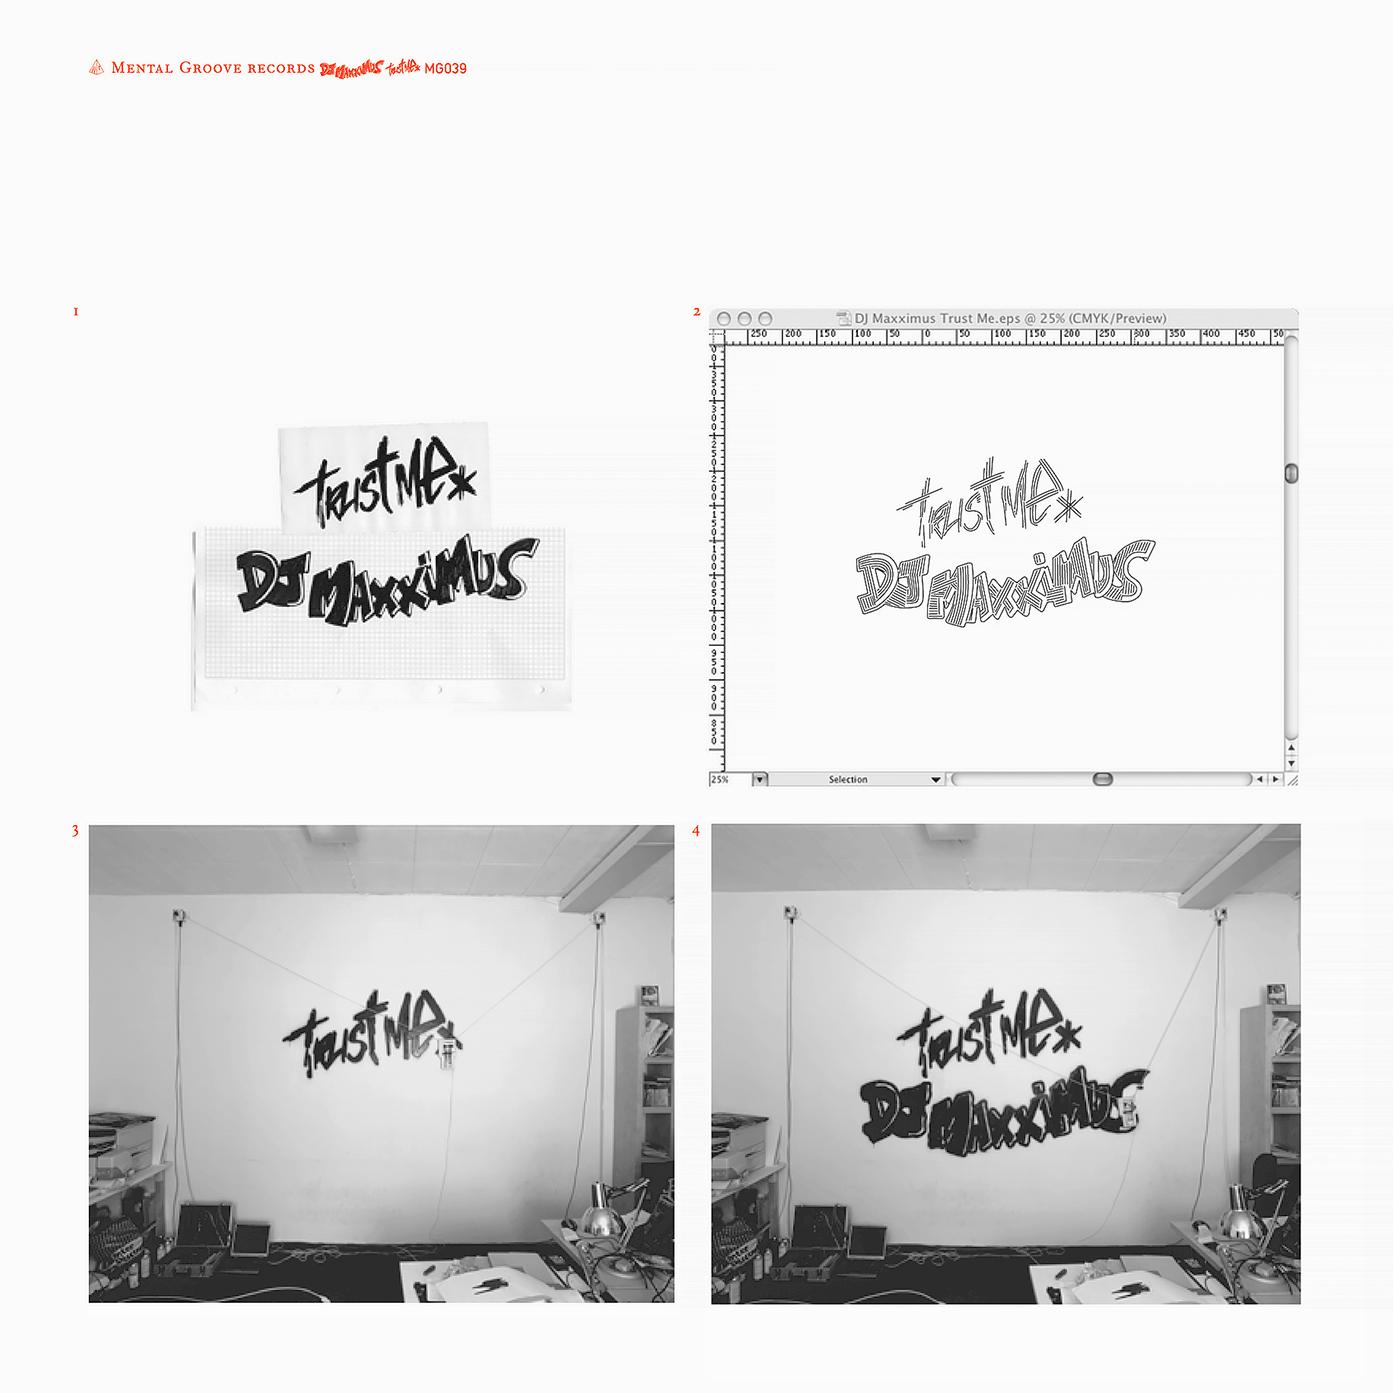 Pochette du EP «Trust Me» de DJ Maxximus (Mental Groove, Genève, 2004). Les images montrent le processus de la machine à graffiti Hektor de Jürg Lehni.